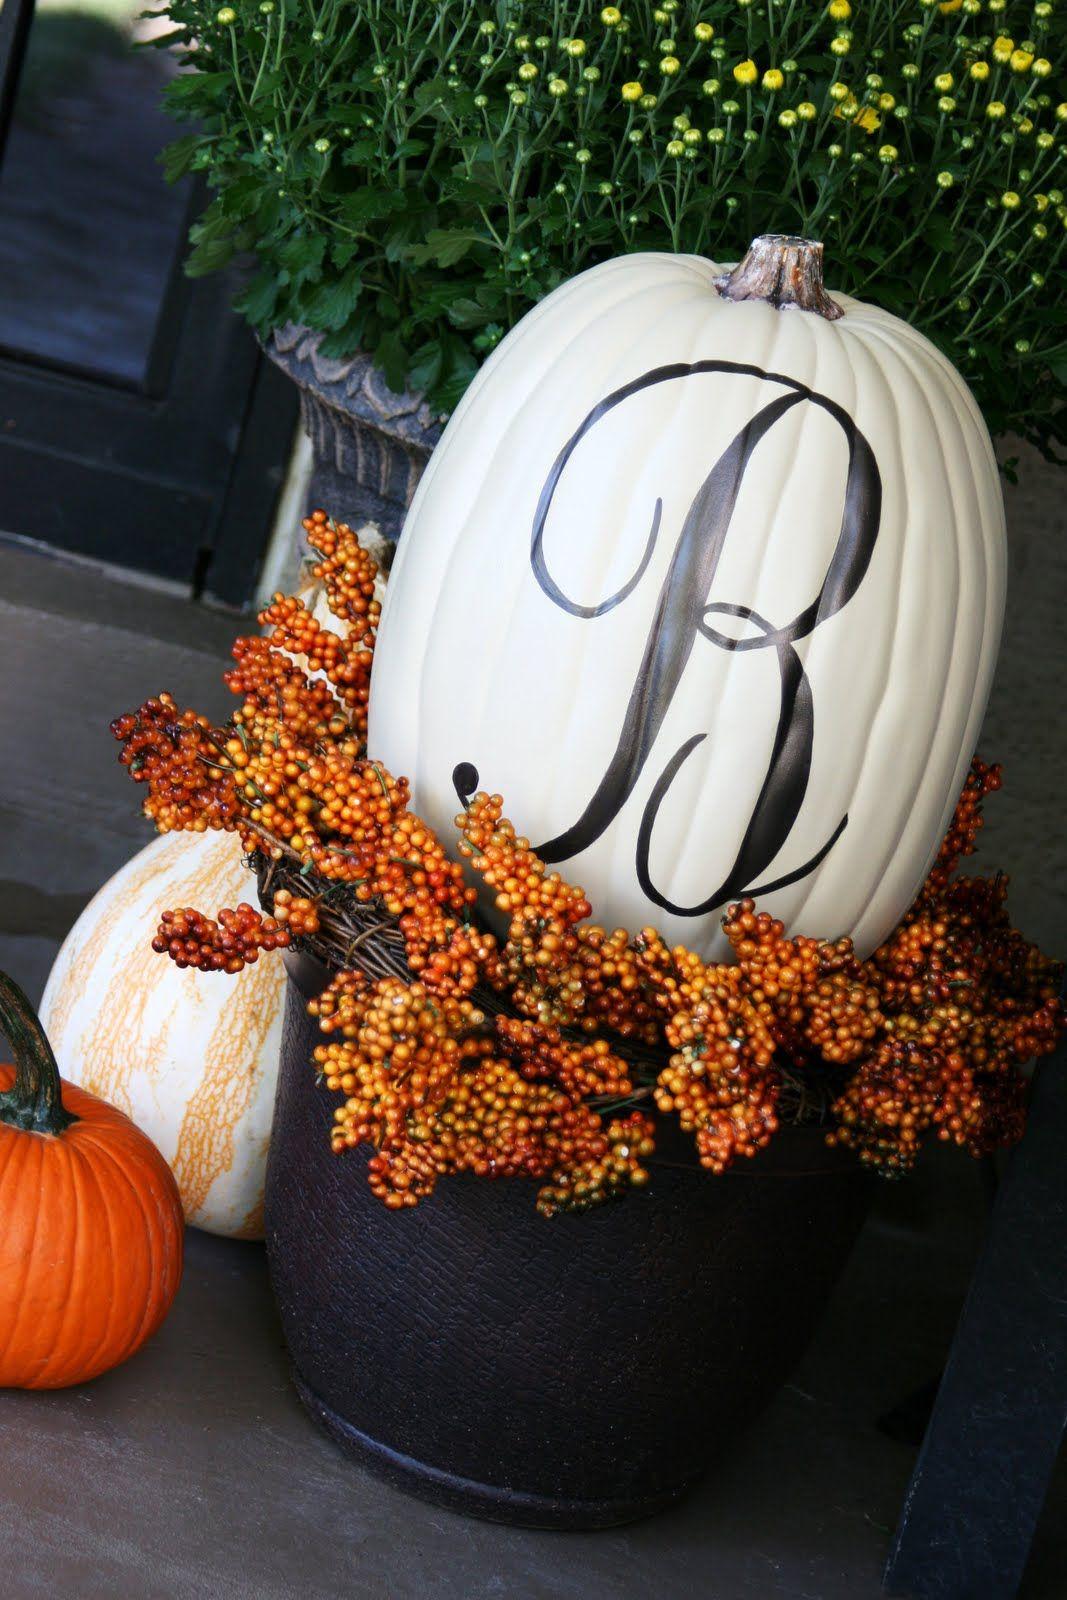 063 Jpg 1 067 1 600 Pixels Fall Decorations Porch Pumpkin Monogram Fall Decor